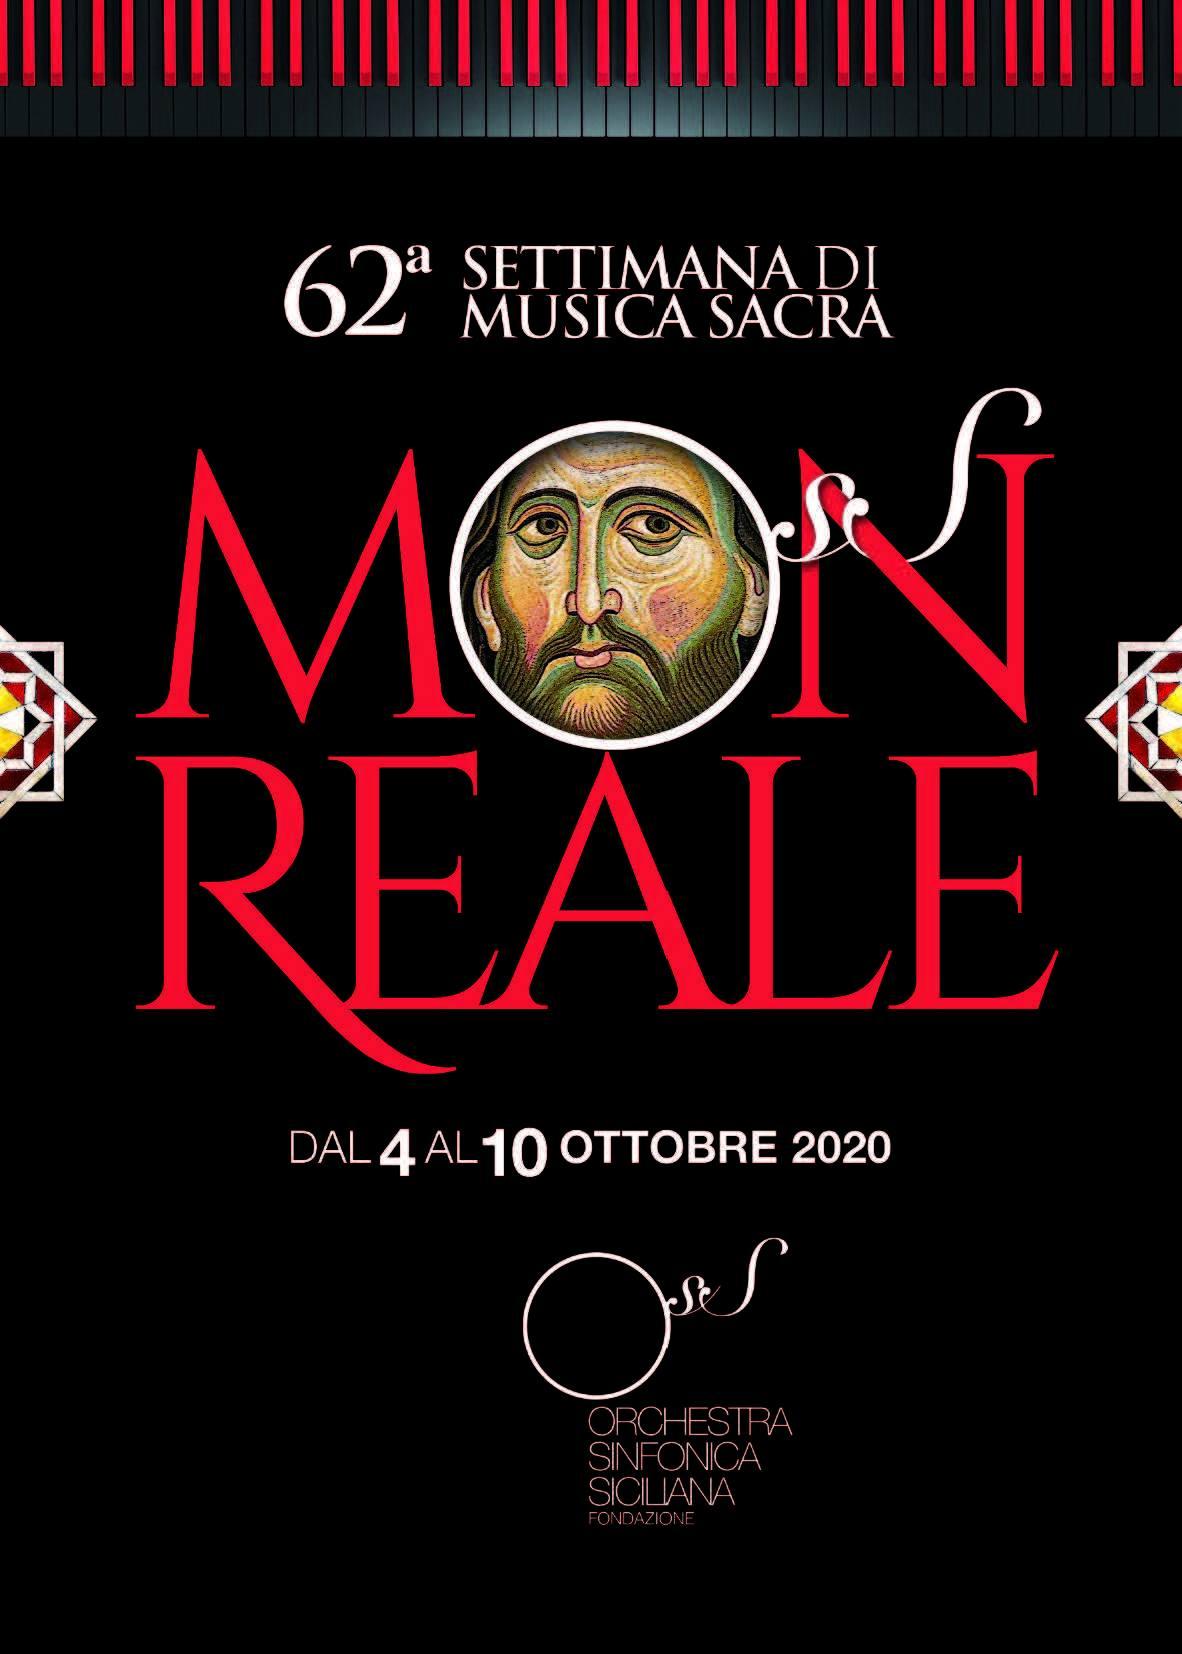 AL VIA LA 62 ' EDIZIONE DELLA SETTIMANA DI MUSICA SACRA NEL SEGNO DELL'INTERNAZIONALITÀ